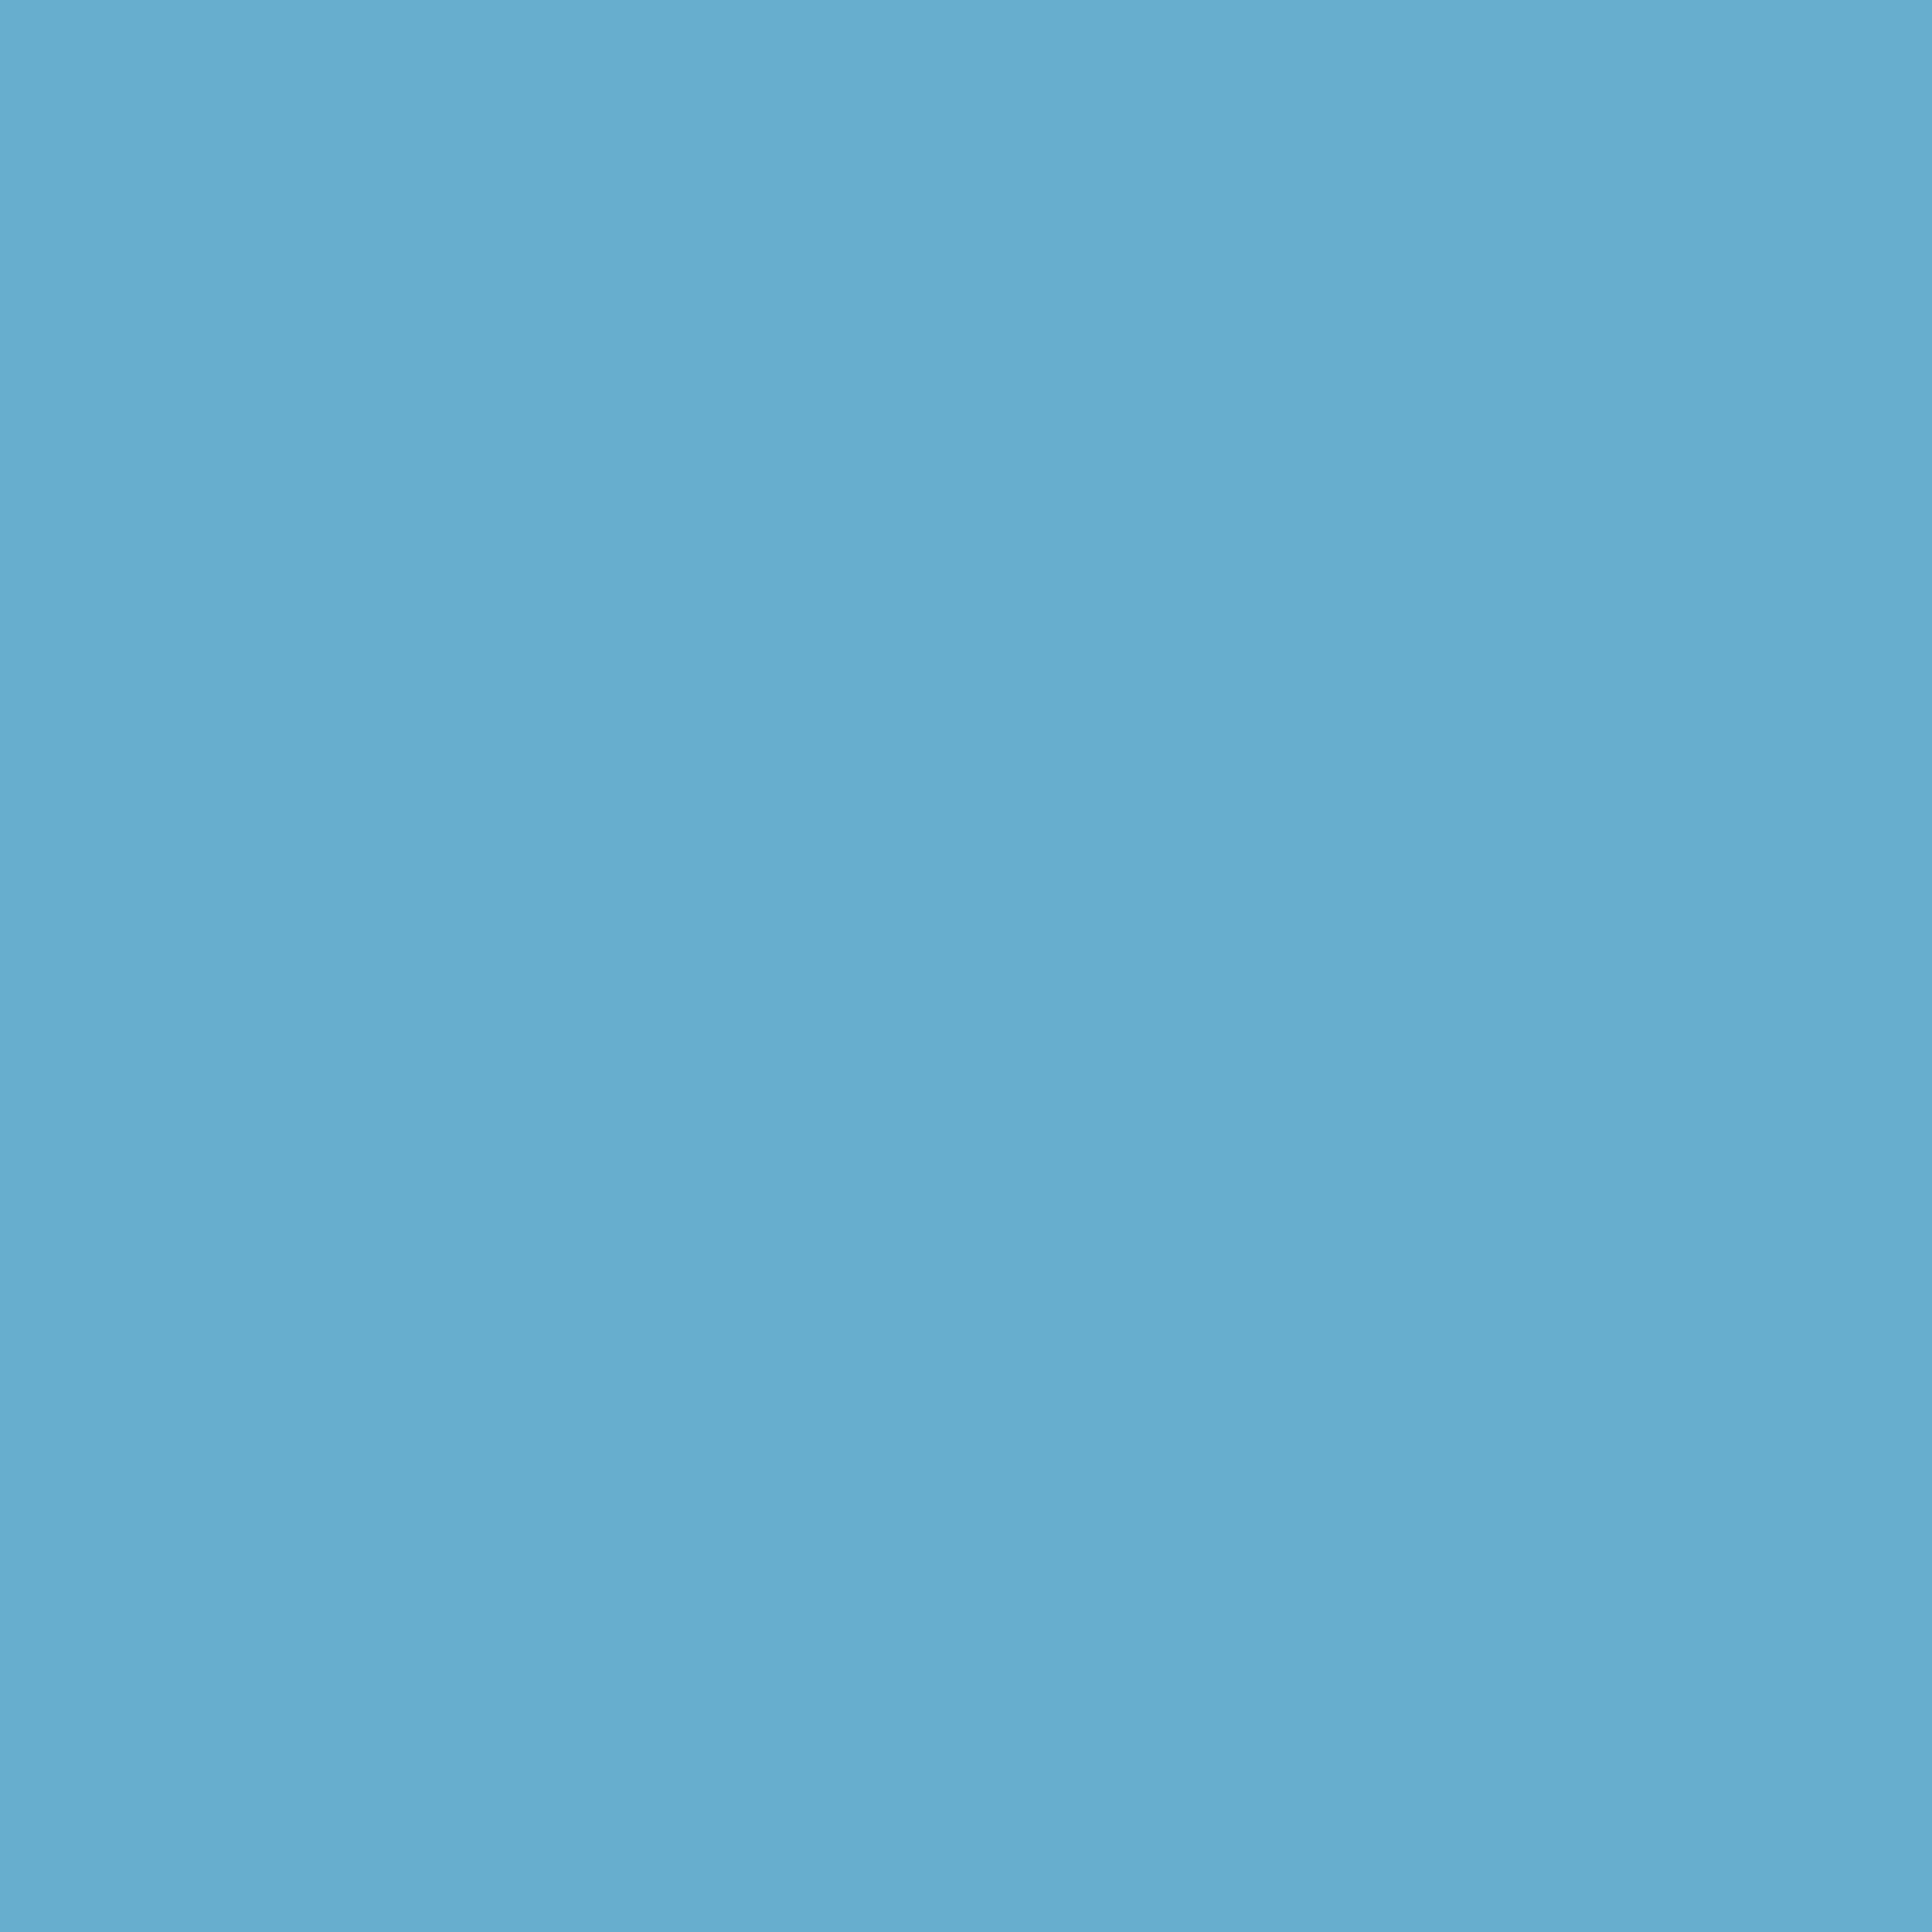 K22.2.4 Powder Blue